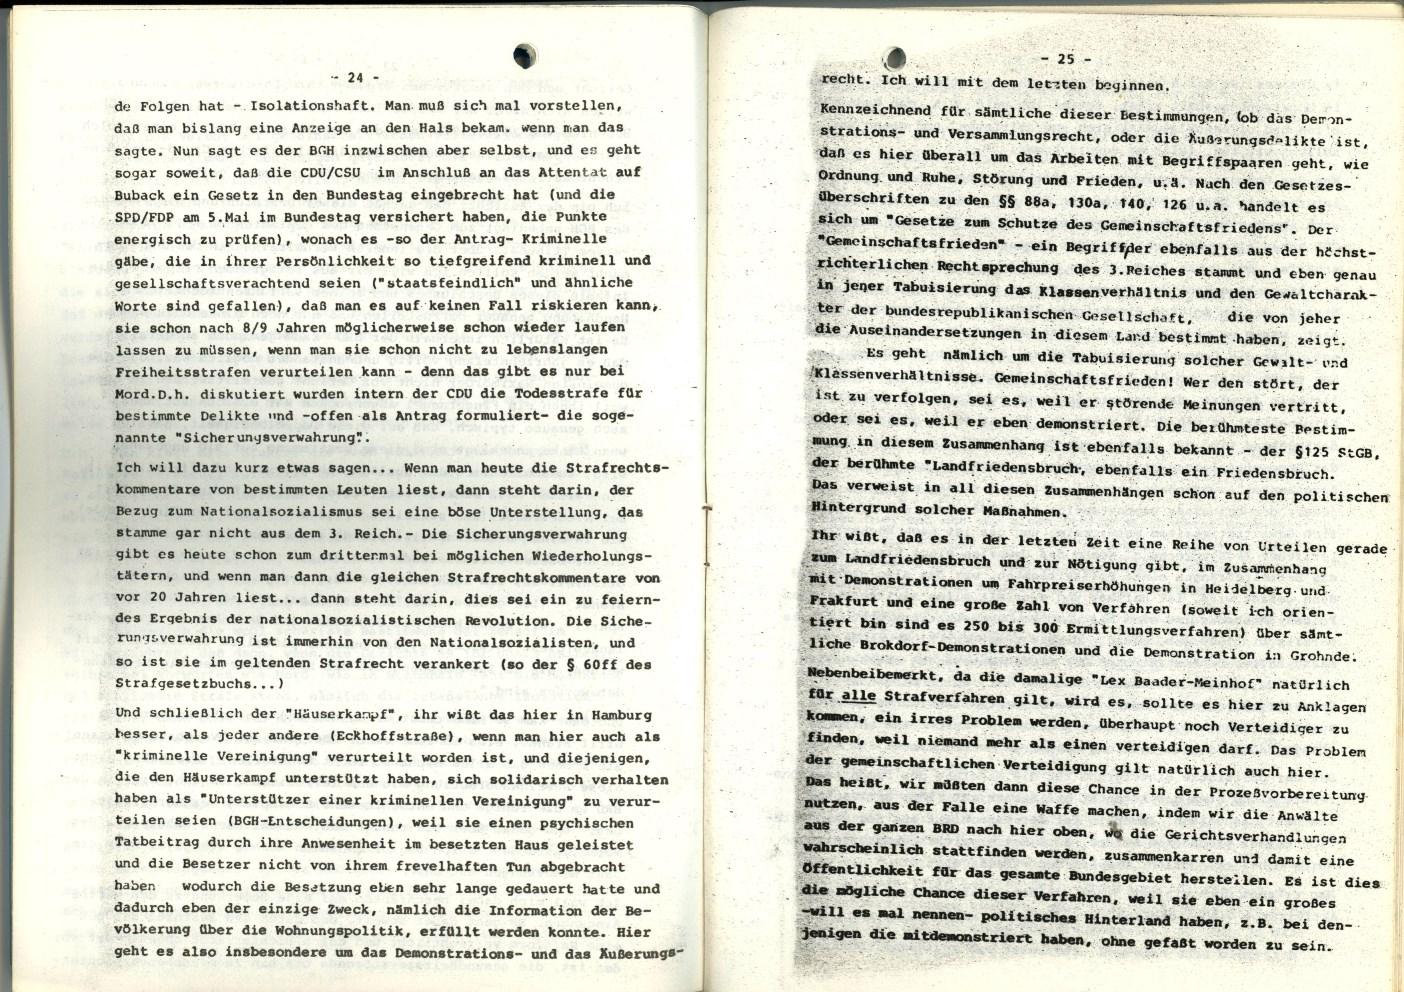 Hamburg_Vorbereitungsgruppe_Russell_Tribunal_Zensur_1978_13